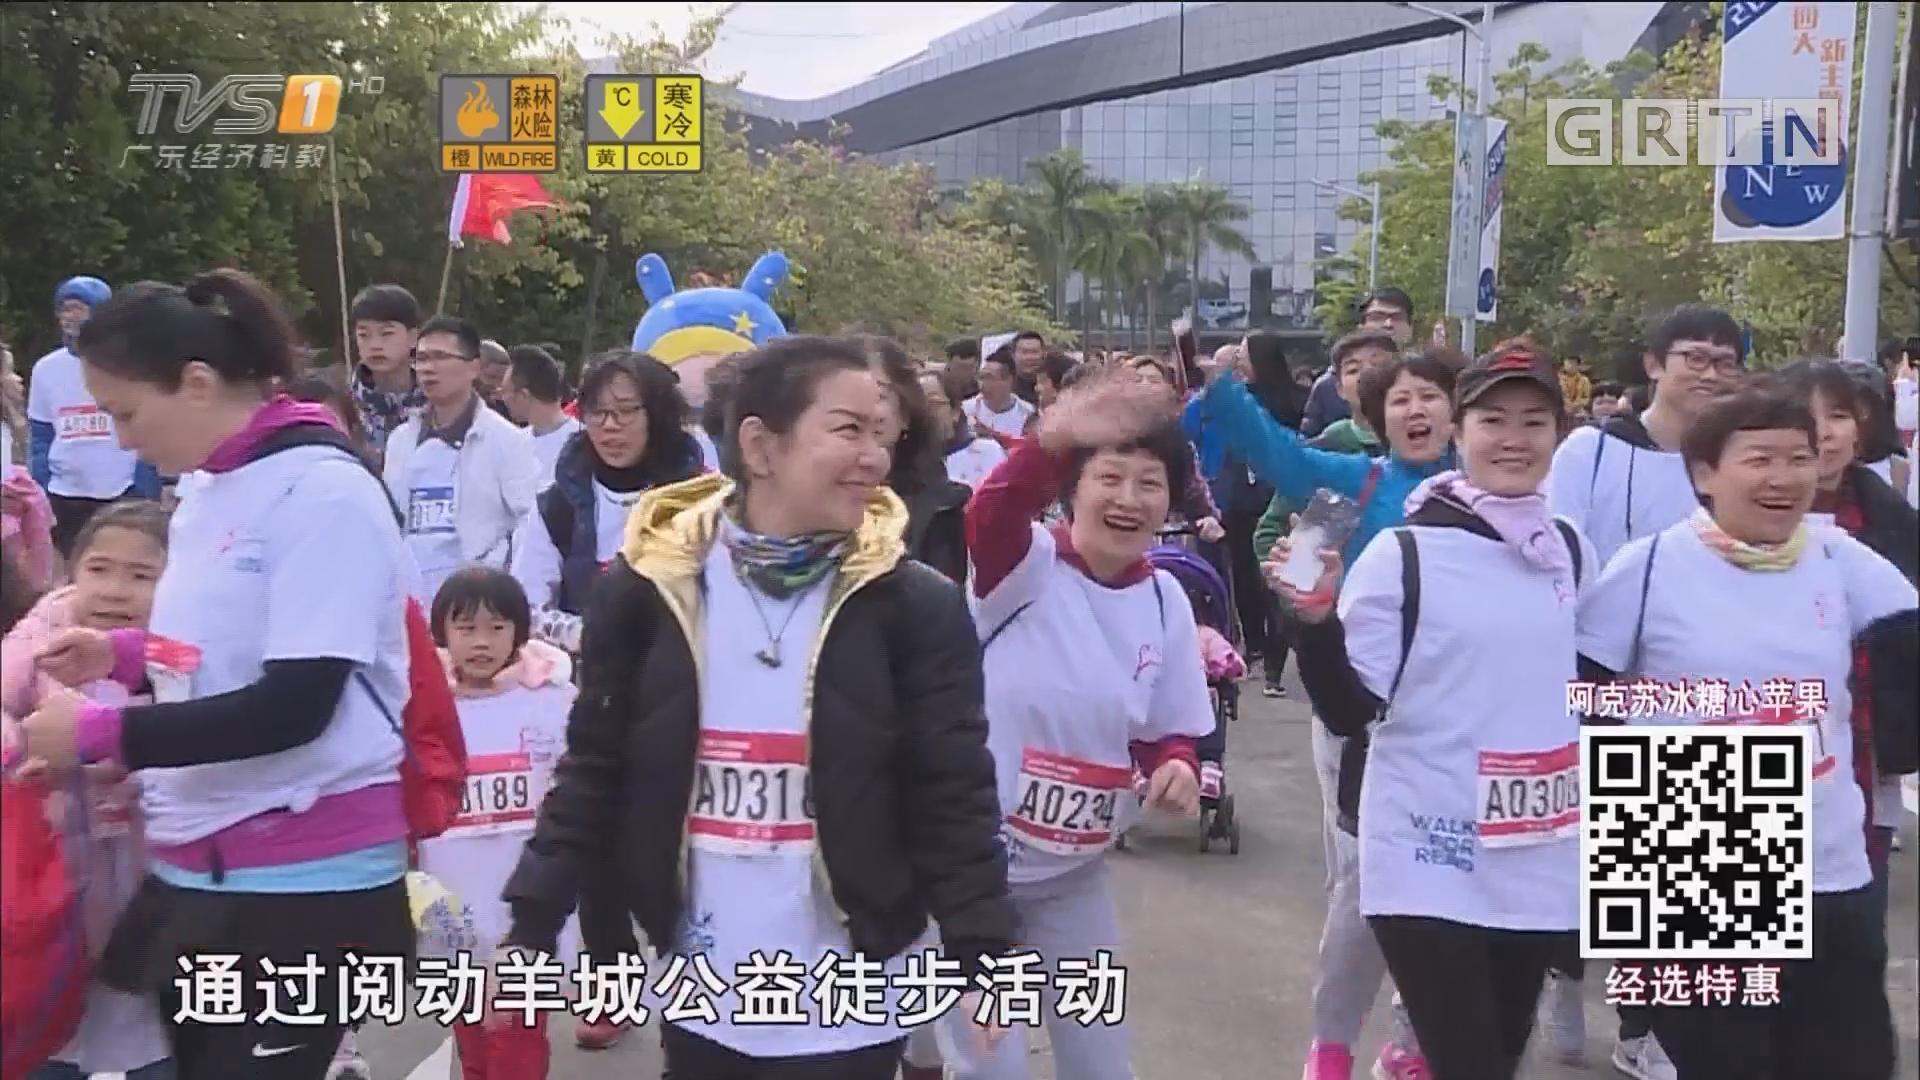 广州:千余市民徒步助力儿童公益阅读